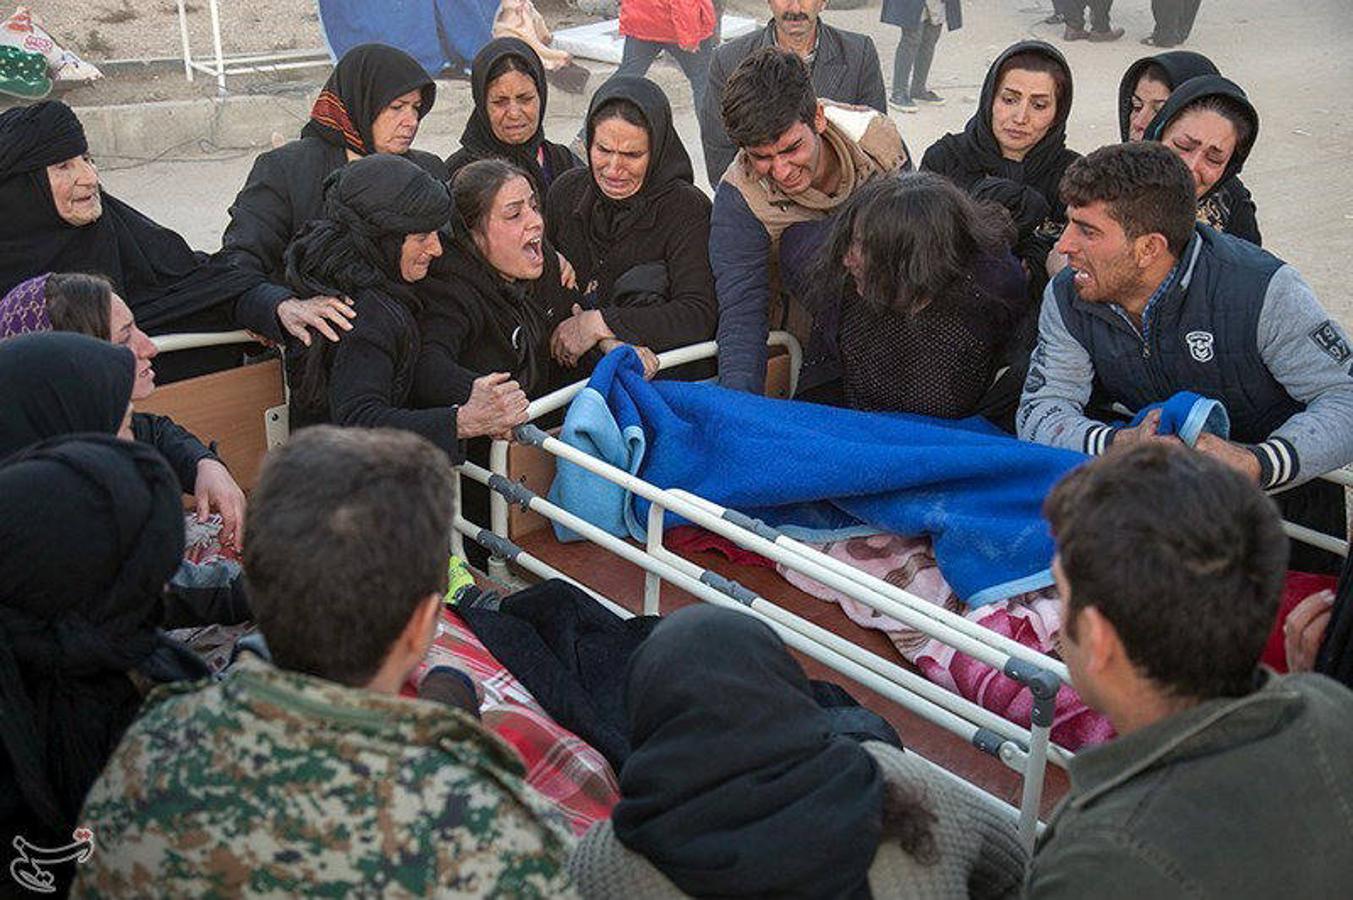 Un terremoto de 7,3 grados en la escala de Richter ha sacudido la zona de frontera entre Irán e Irak y ha causado más de 300 muertos y más de 5.000 heridos